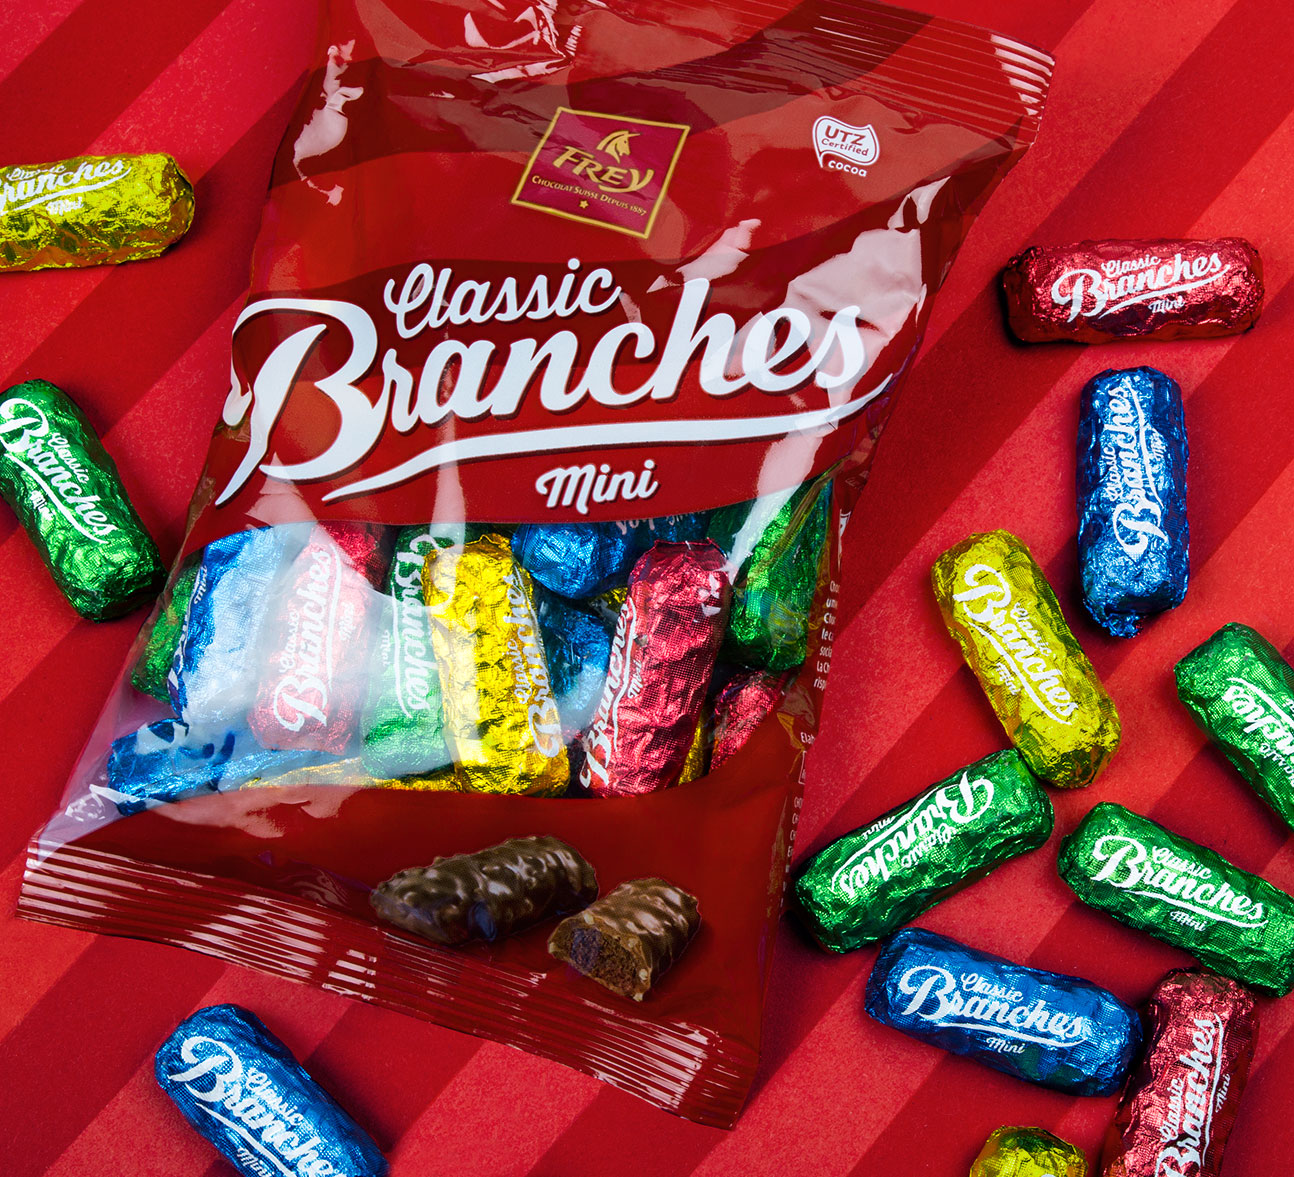 Gallery_Chocolat_Frey_Branches_Mini_Design_Marken_1